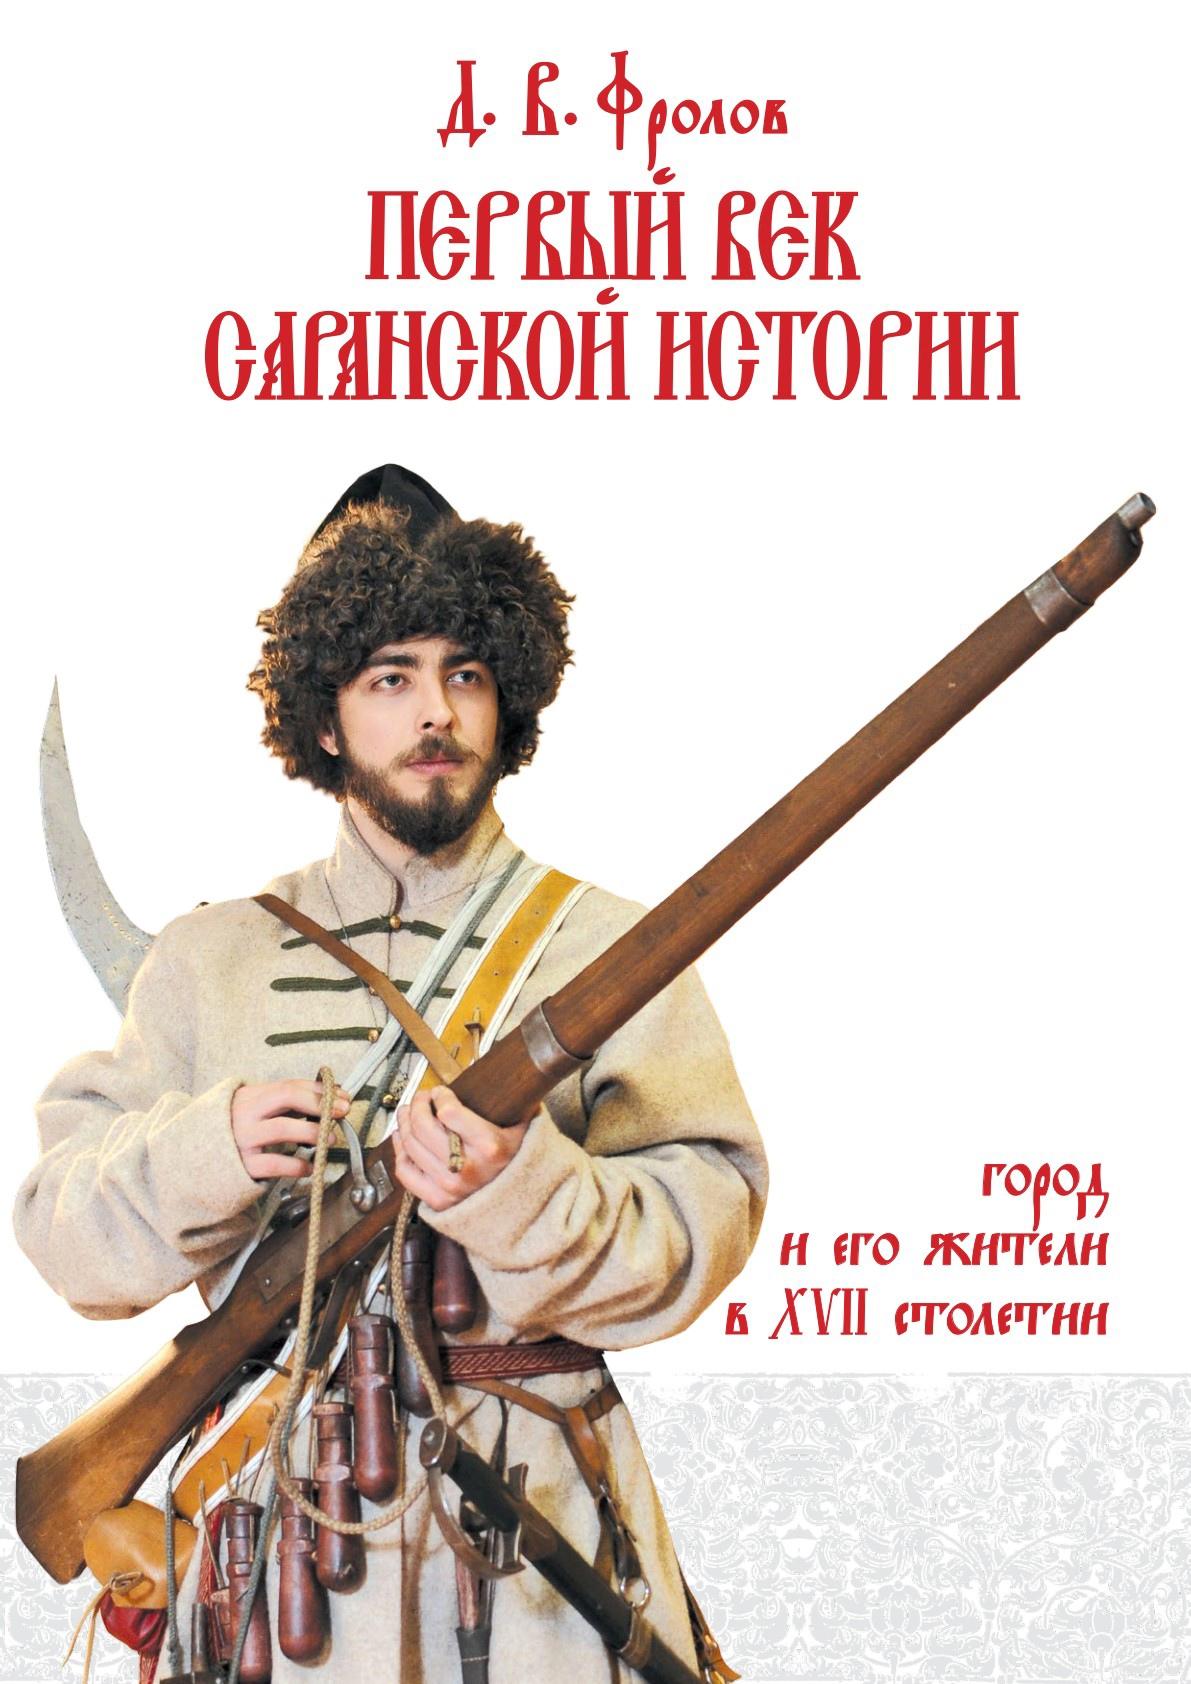 Фролов Д. В. «Первый век саранской истории: город и его жители в XVII столетии»